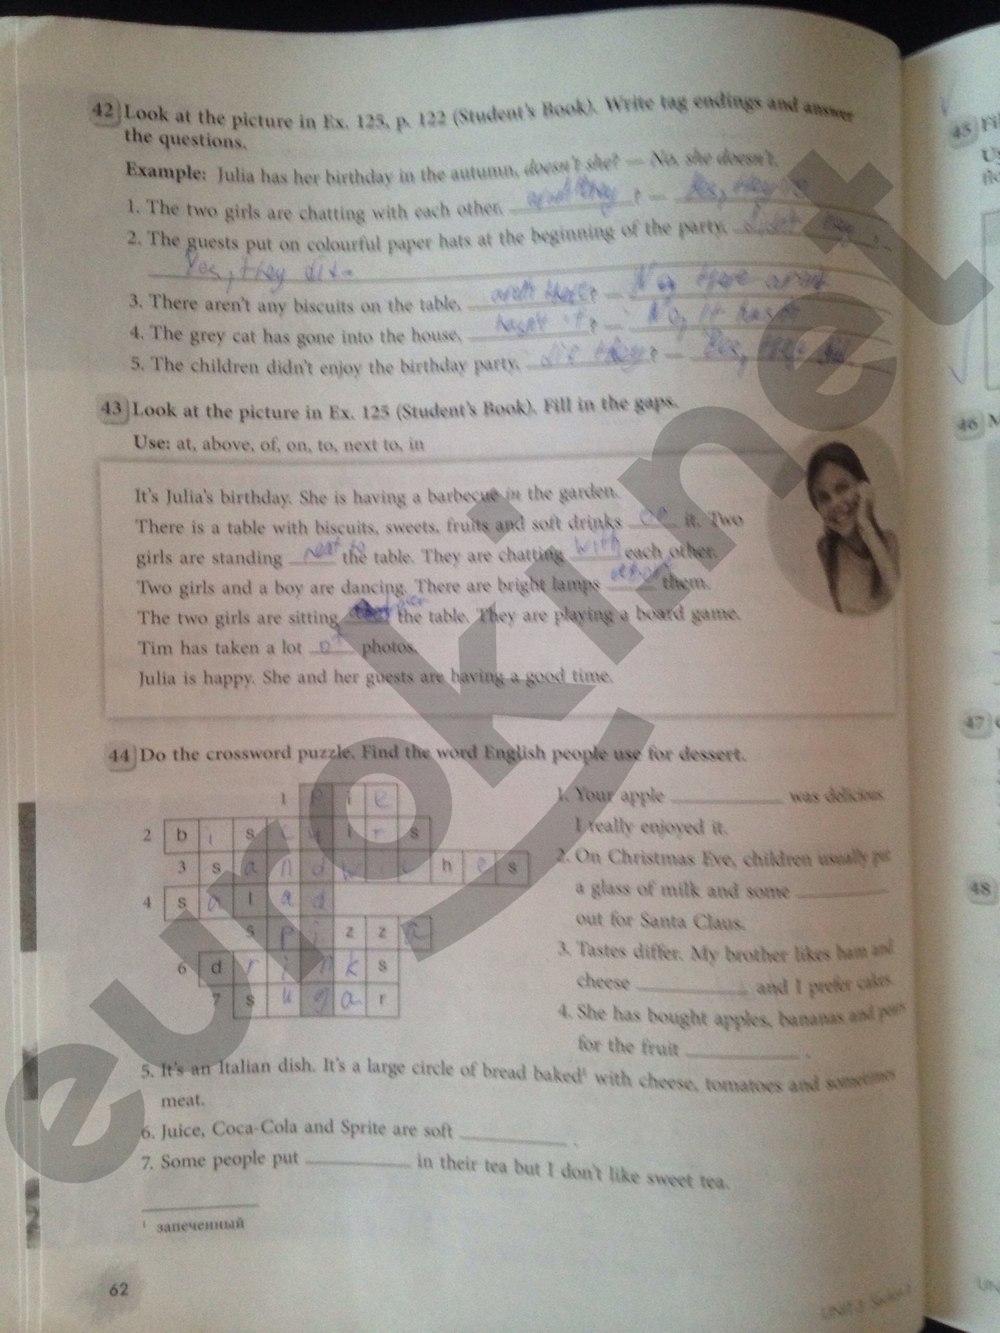 ГДЗ по английскому языку 5 класс рабочая тетрадь Биболетова. Задание: стр. 62